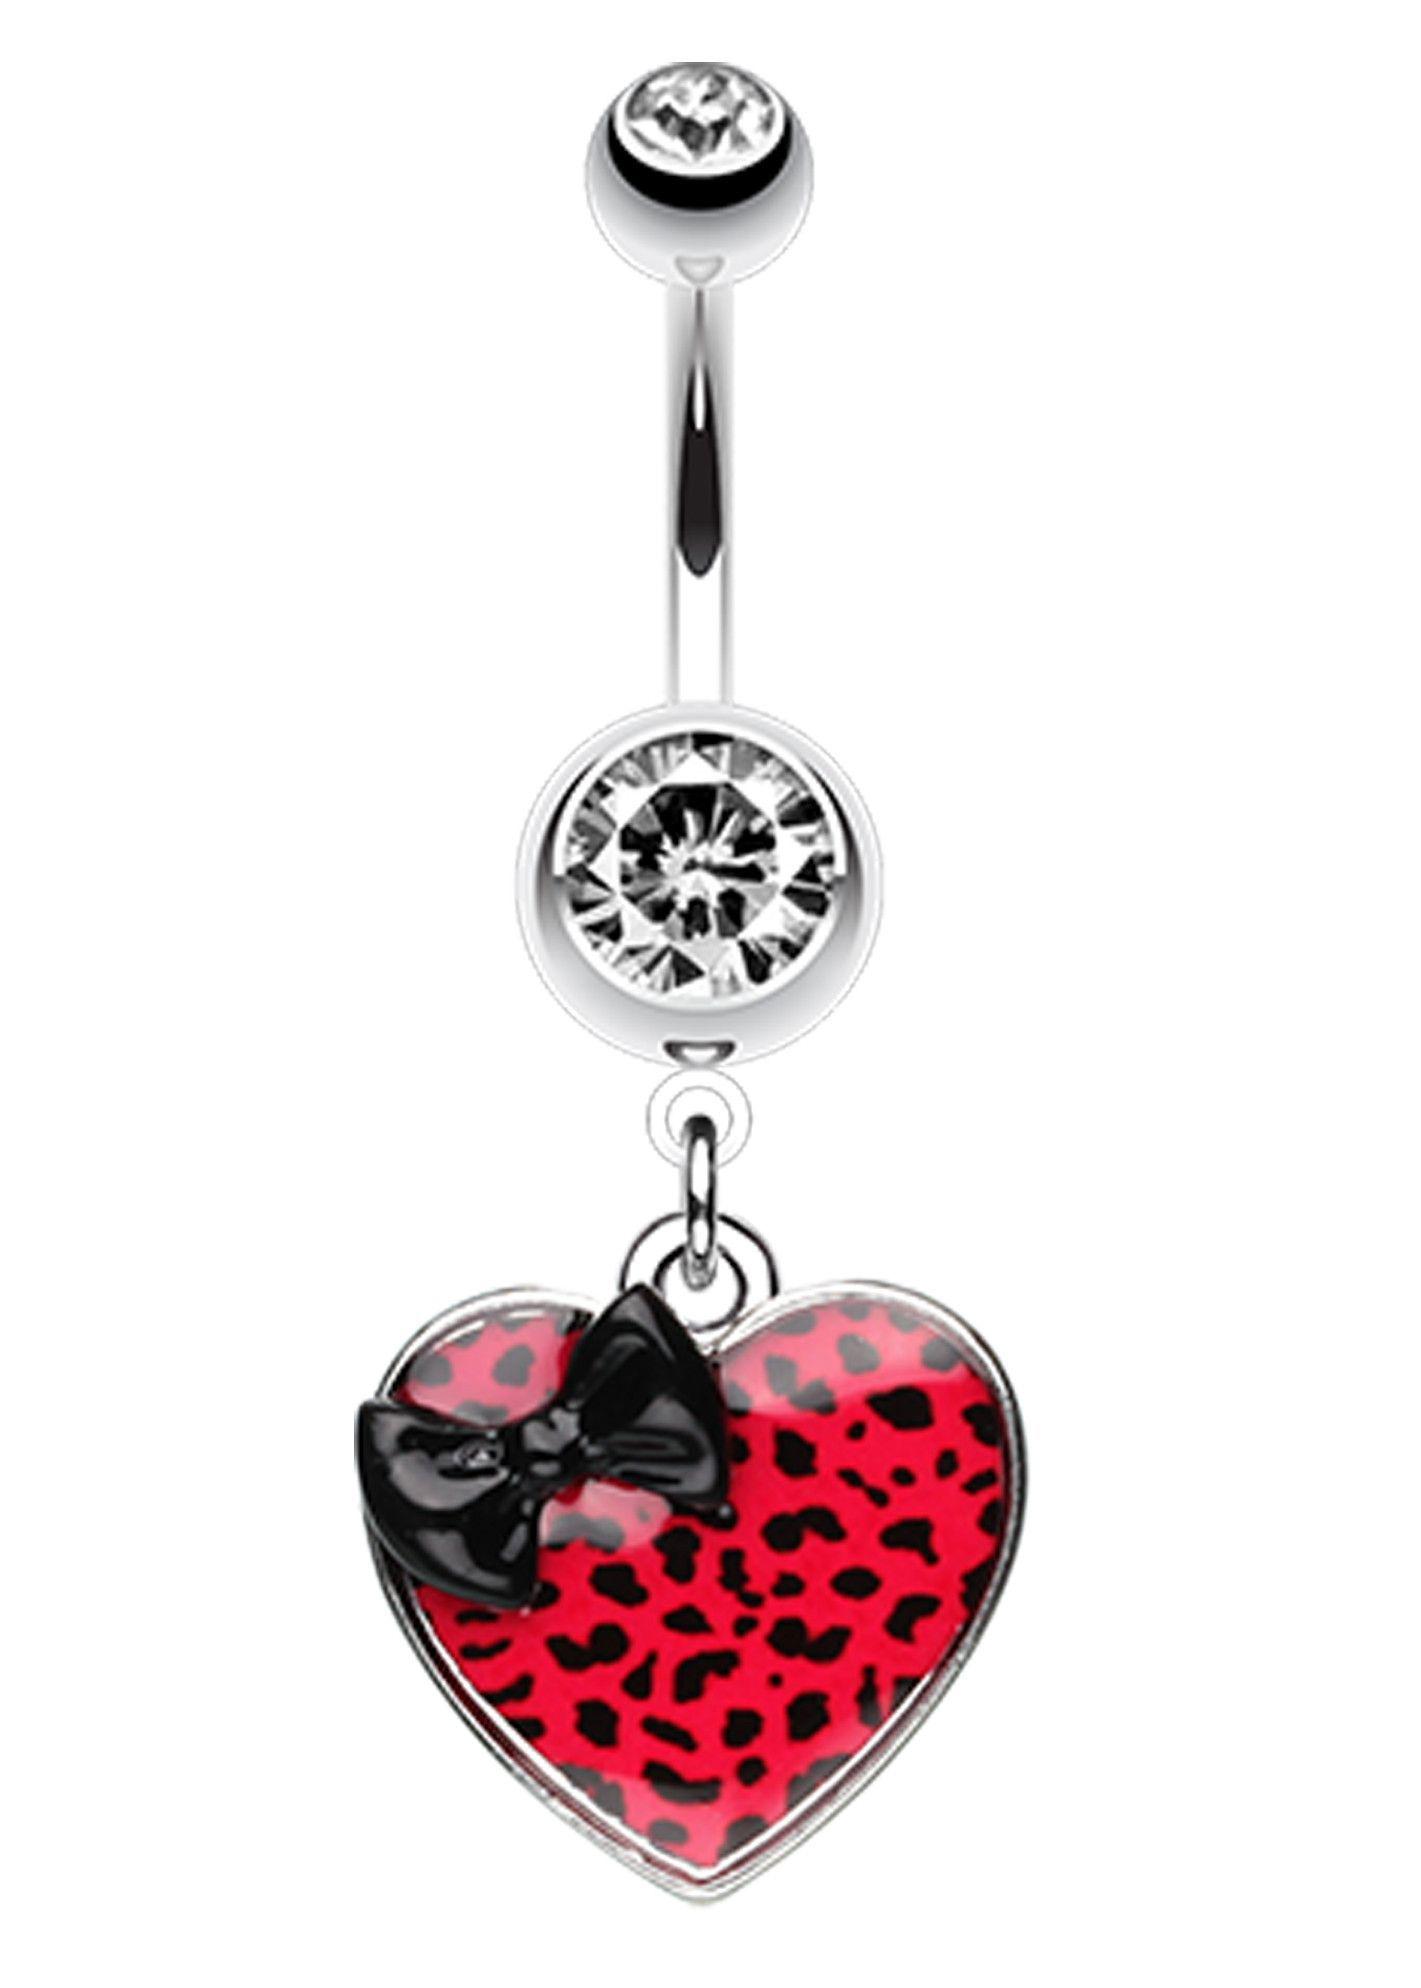 Navel piercing ideas  Leopard Pattern Heart Bow Belly Button Ring  Leopard pattern Belly